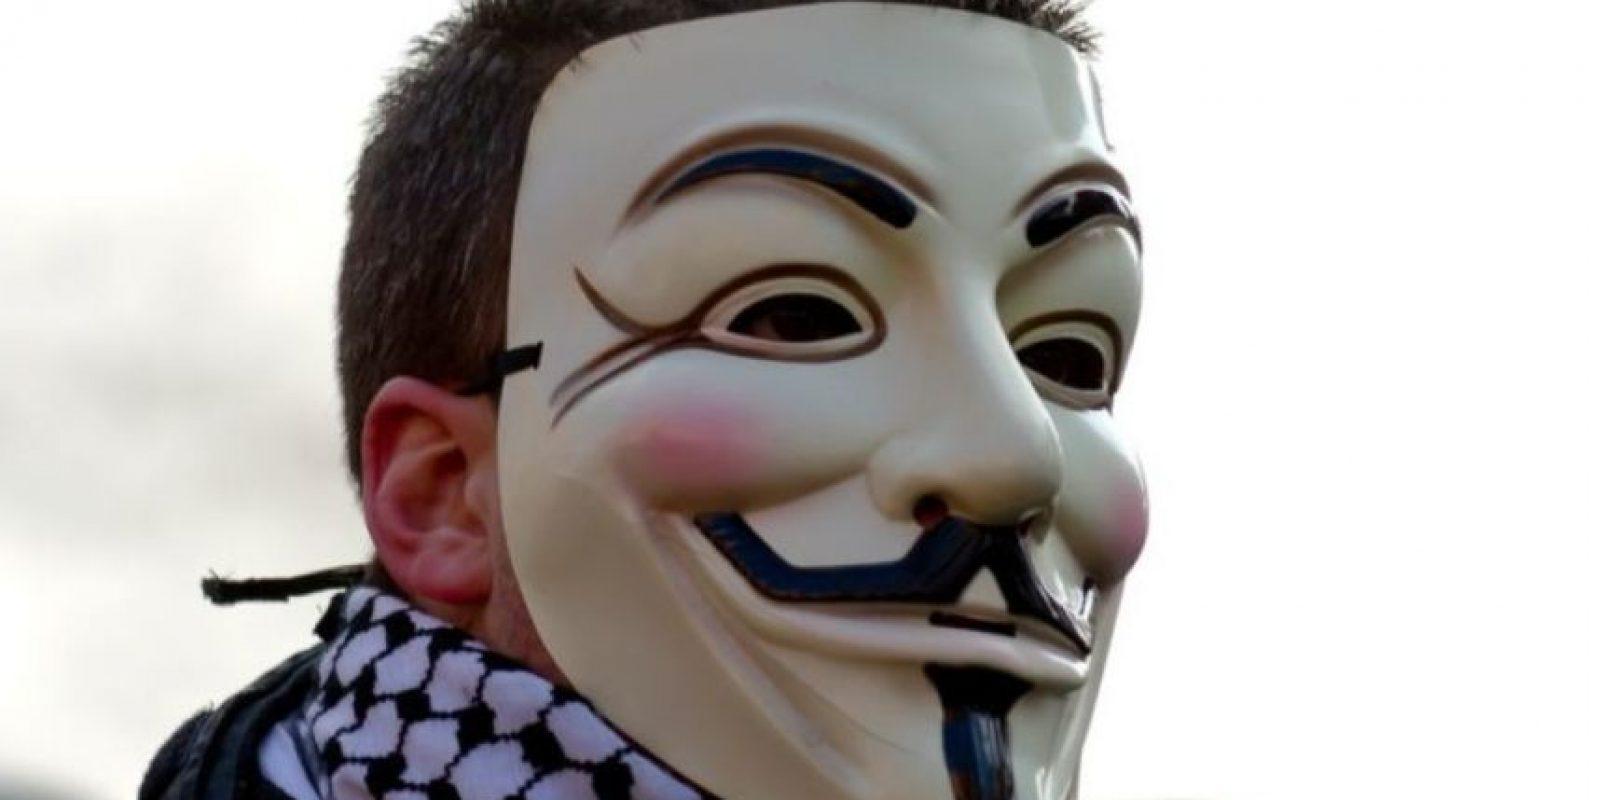 """Estos se autodenominan """"hacktivistas"""", o sea, hackers y activistas. Foto:Wikipedia Commons"""